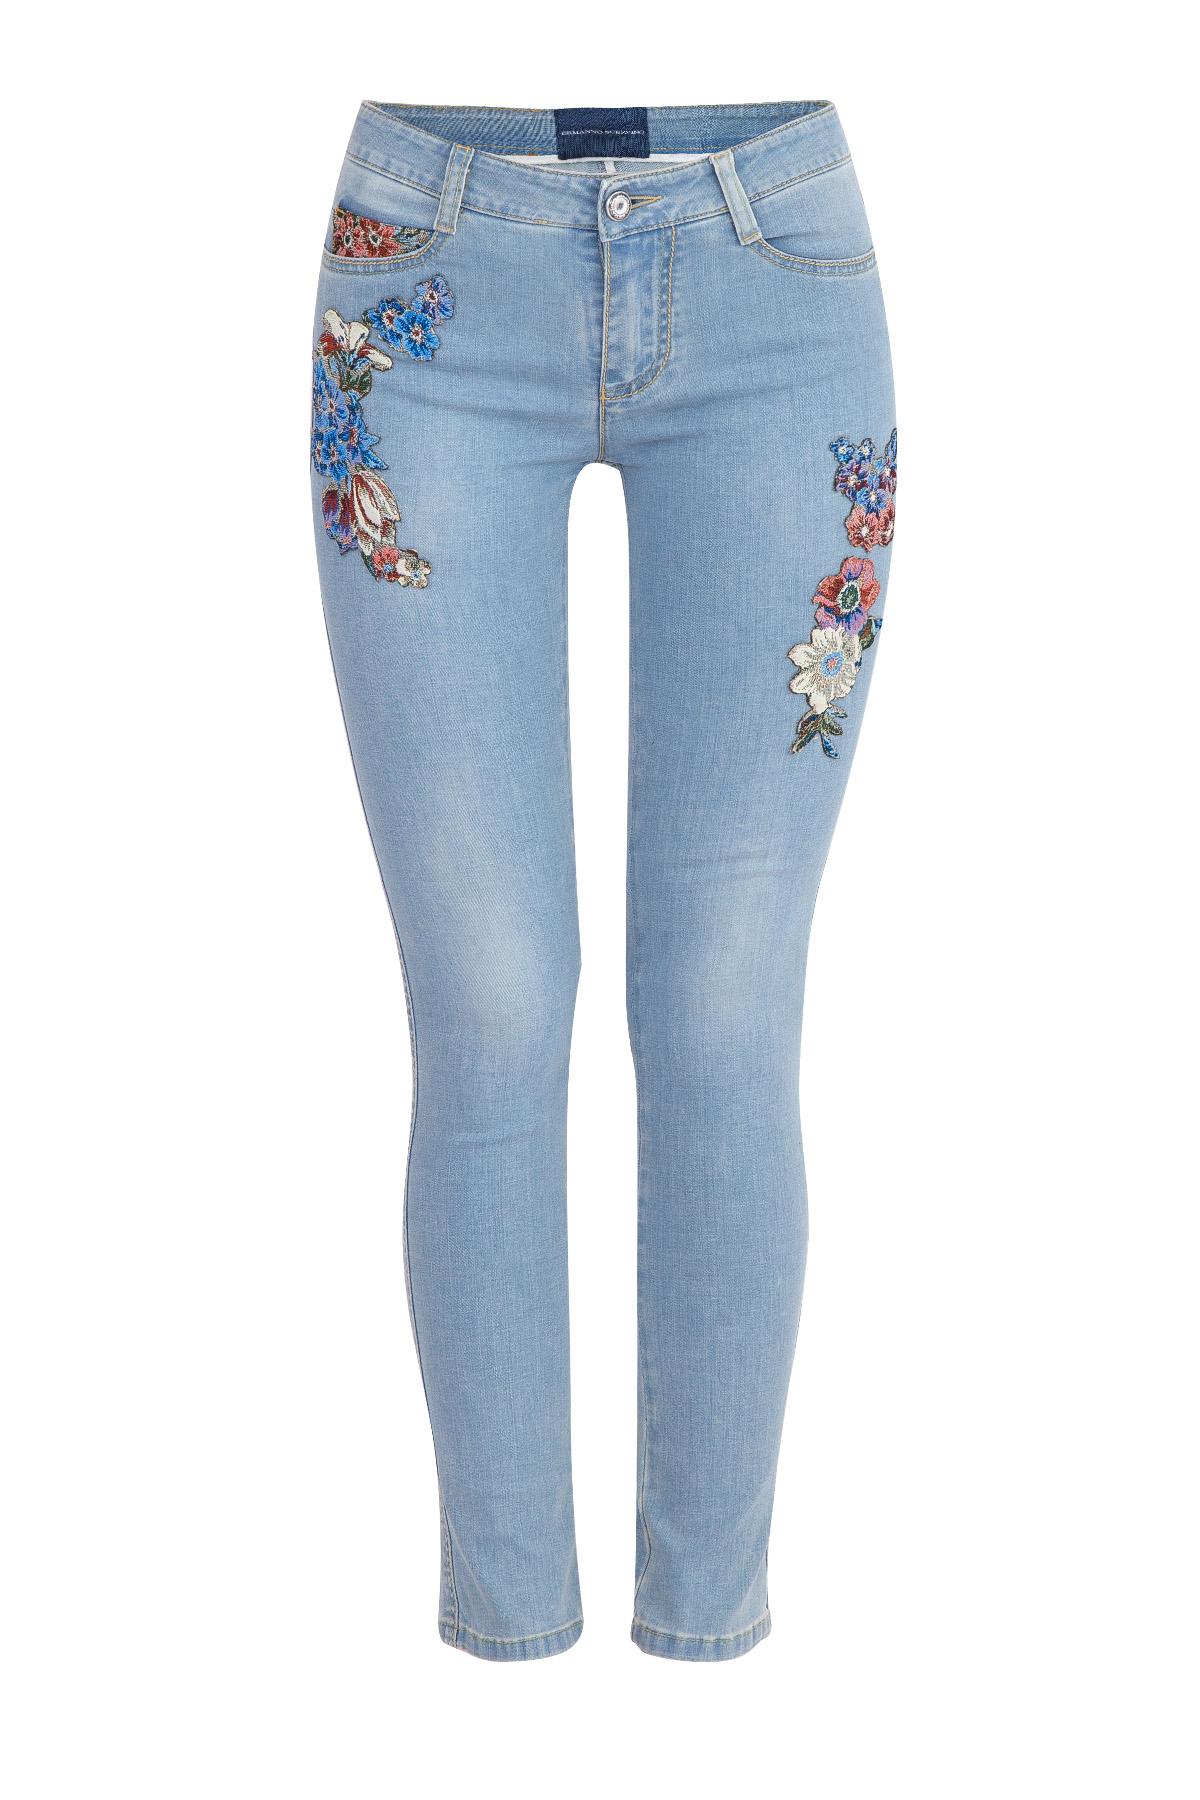 джинсыДжинсы<br><br>Материал: хлопок 90% ,  эластомультиэстер 8% ,  эластан 2%;